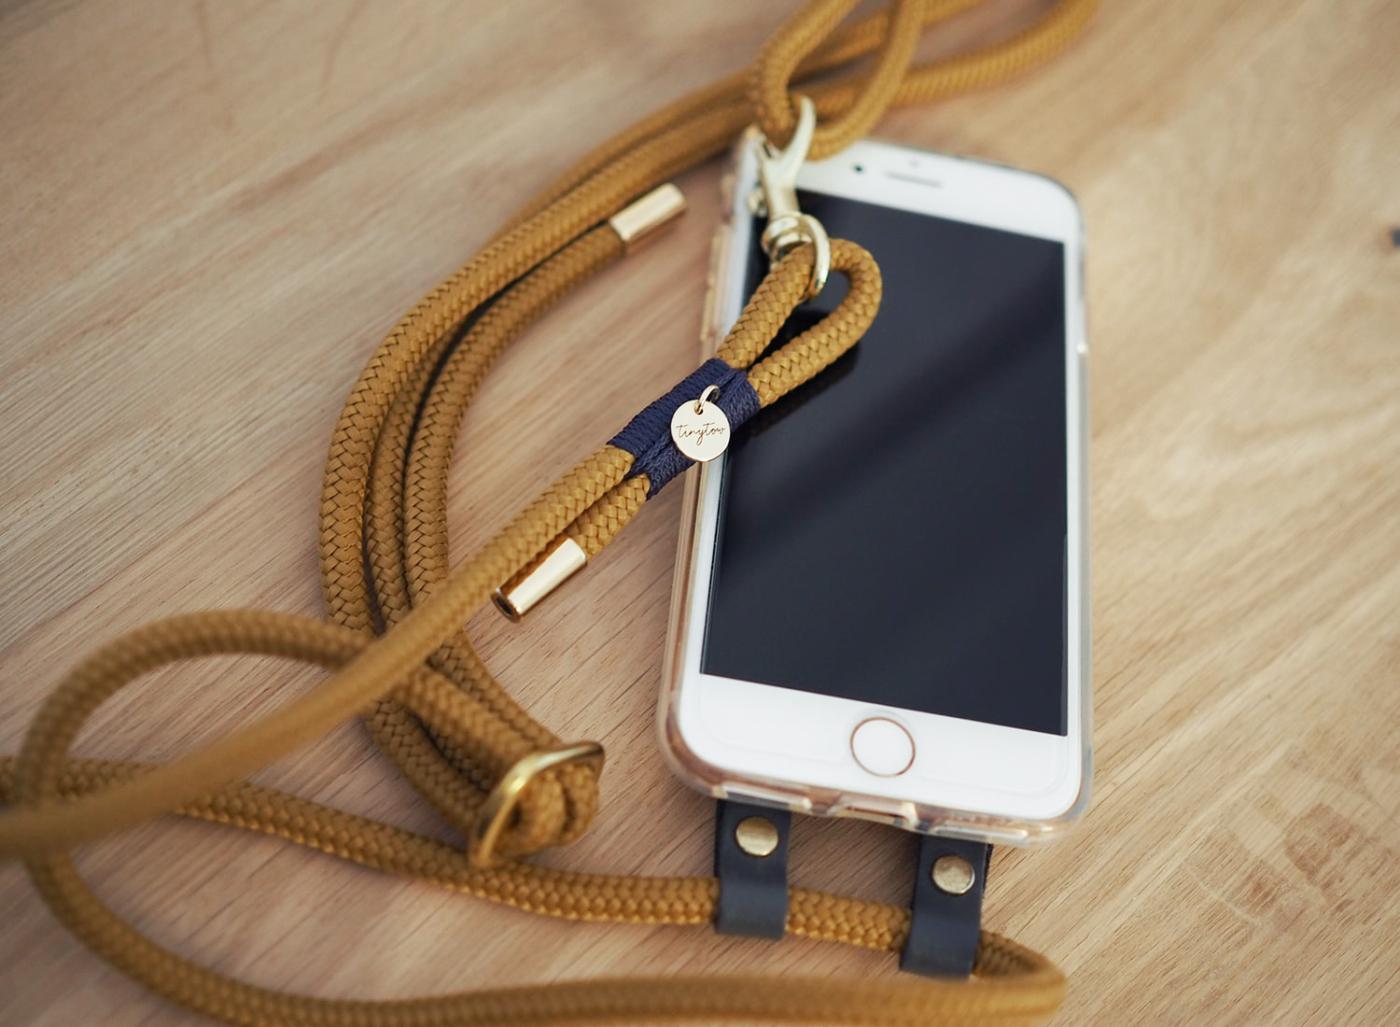 Handyhülle aus Silikon zum Umhängen mit verstellbarem Tau in camel und blau mit goldenen Details.